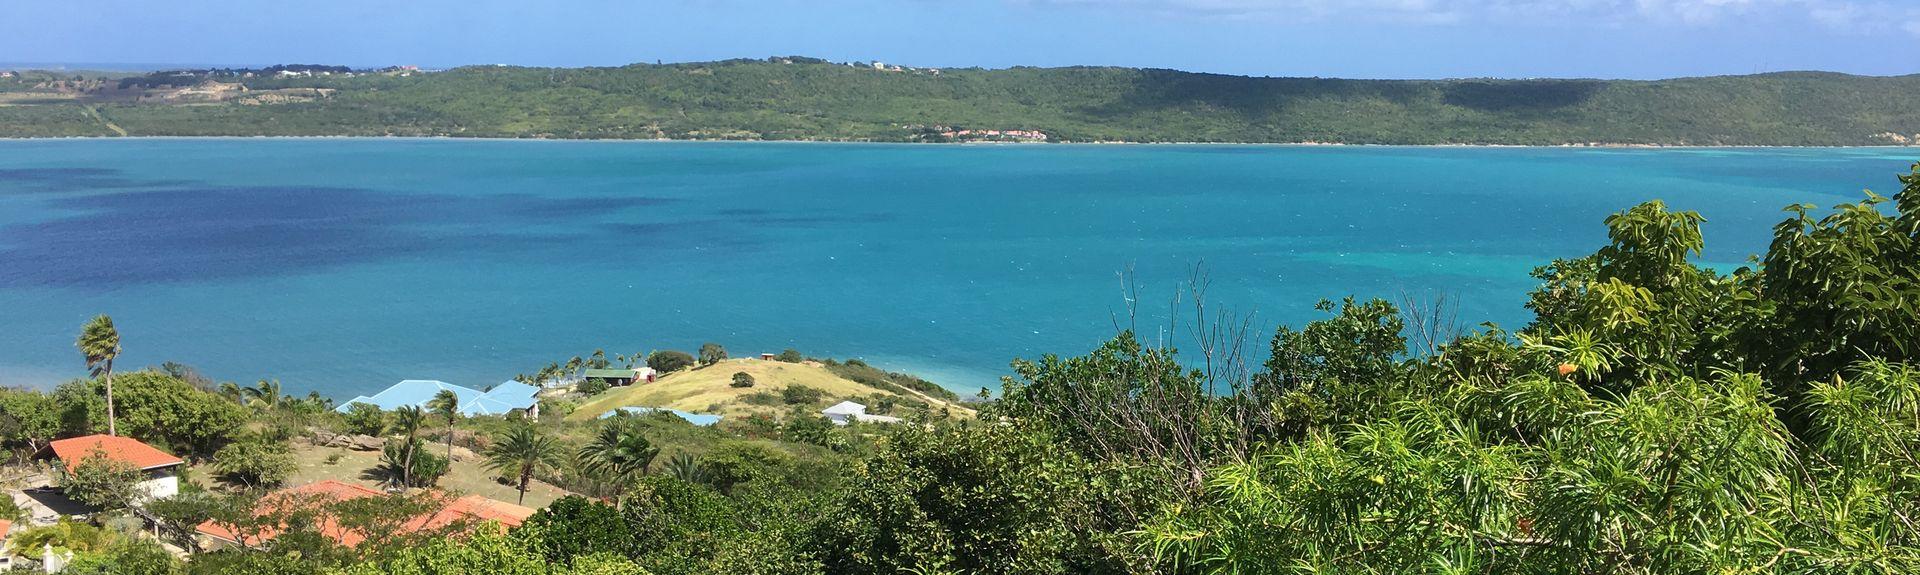 Bolands, Antigua and Barbuda